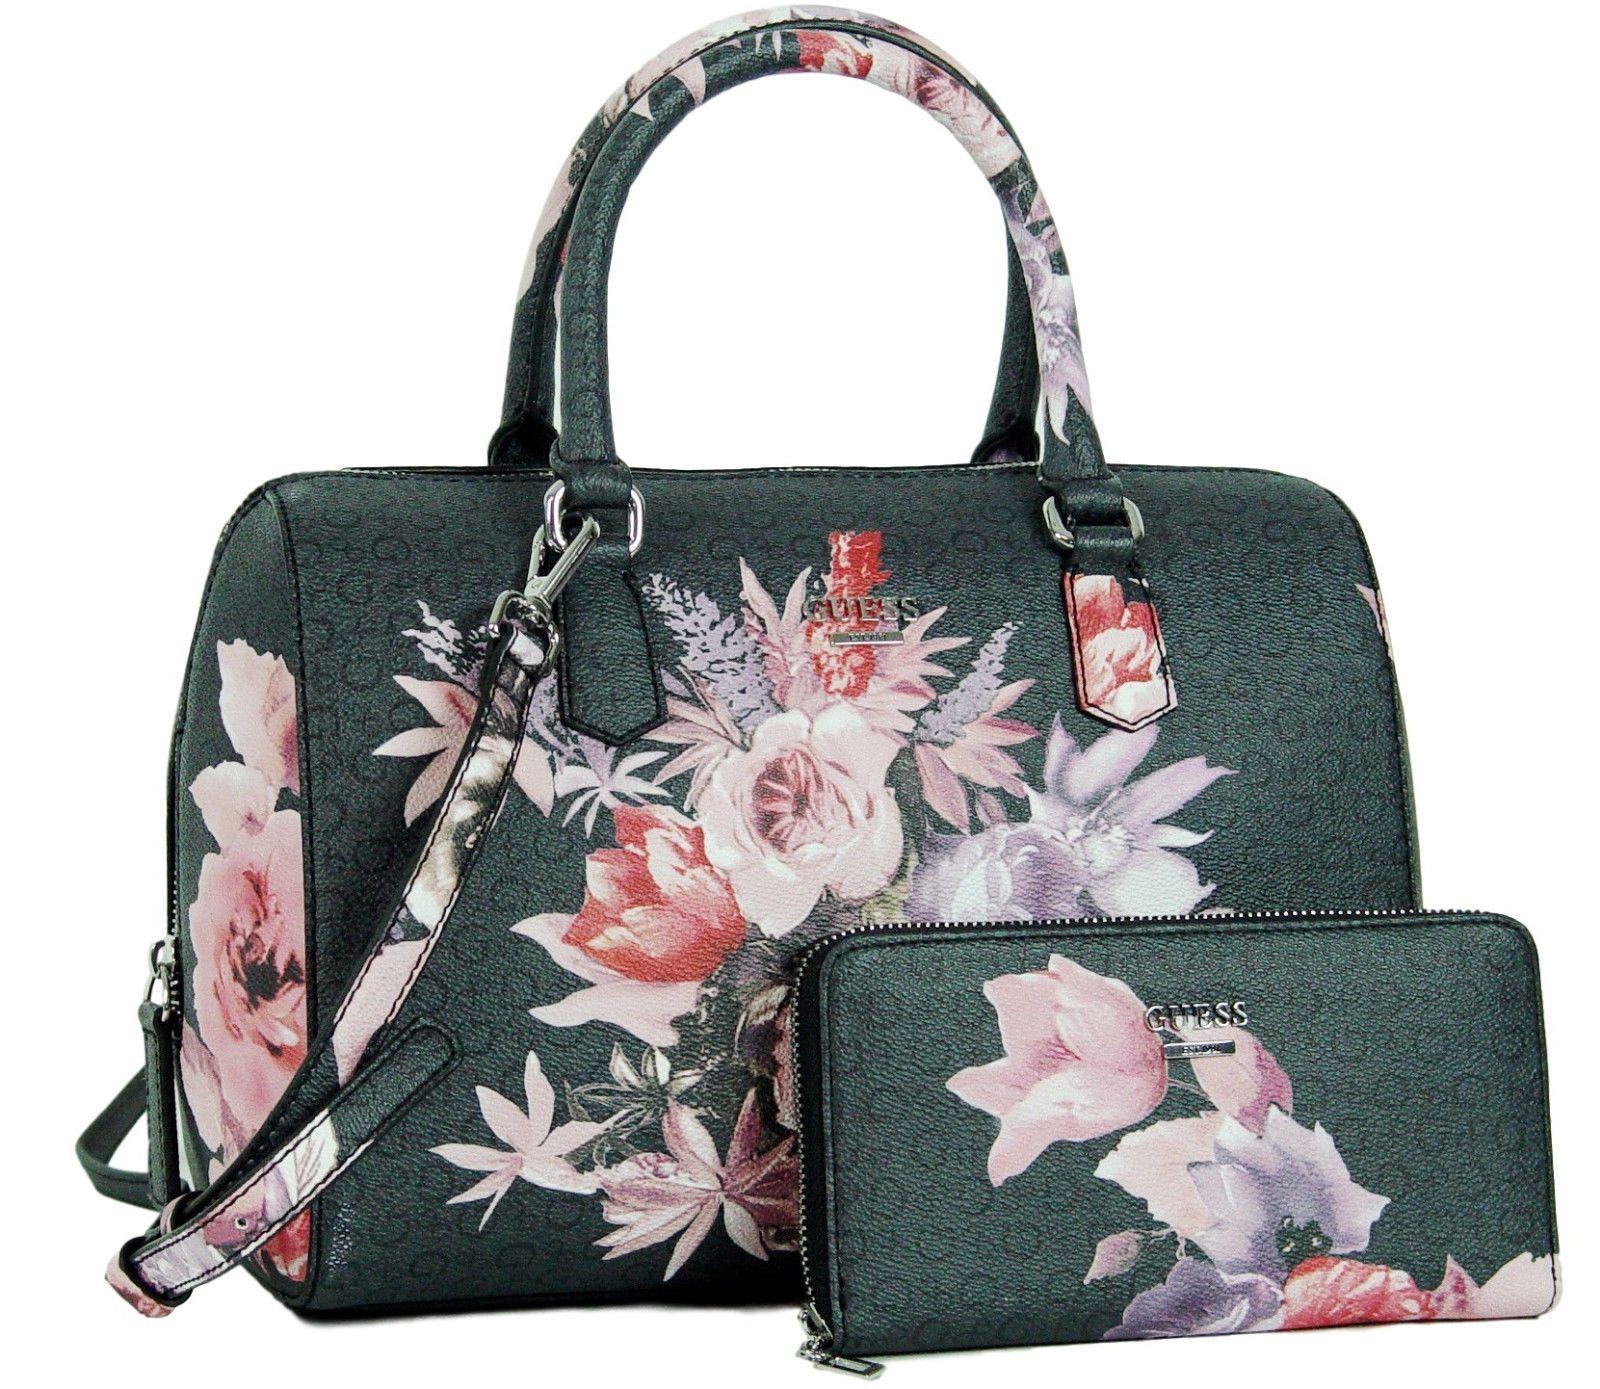 Tote Bag - Floral Fantasy by VIDA VIDA J0sCKi